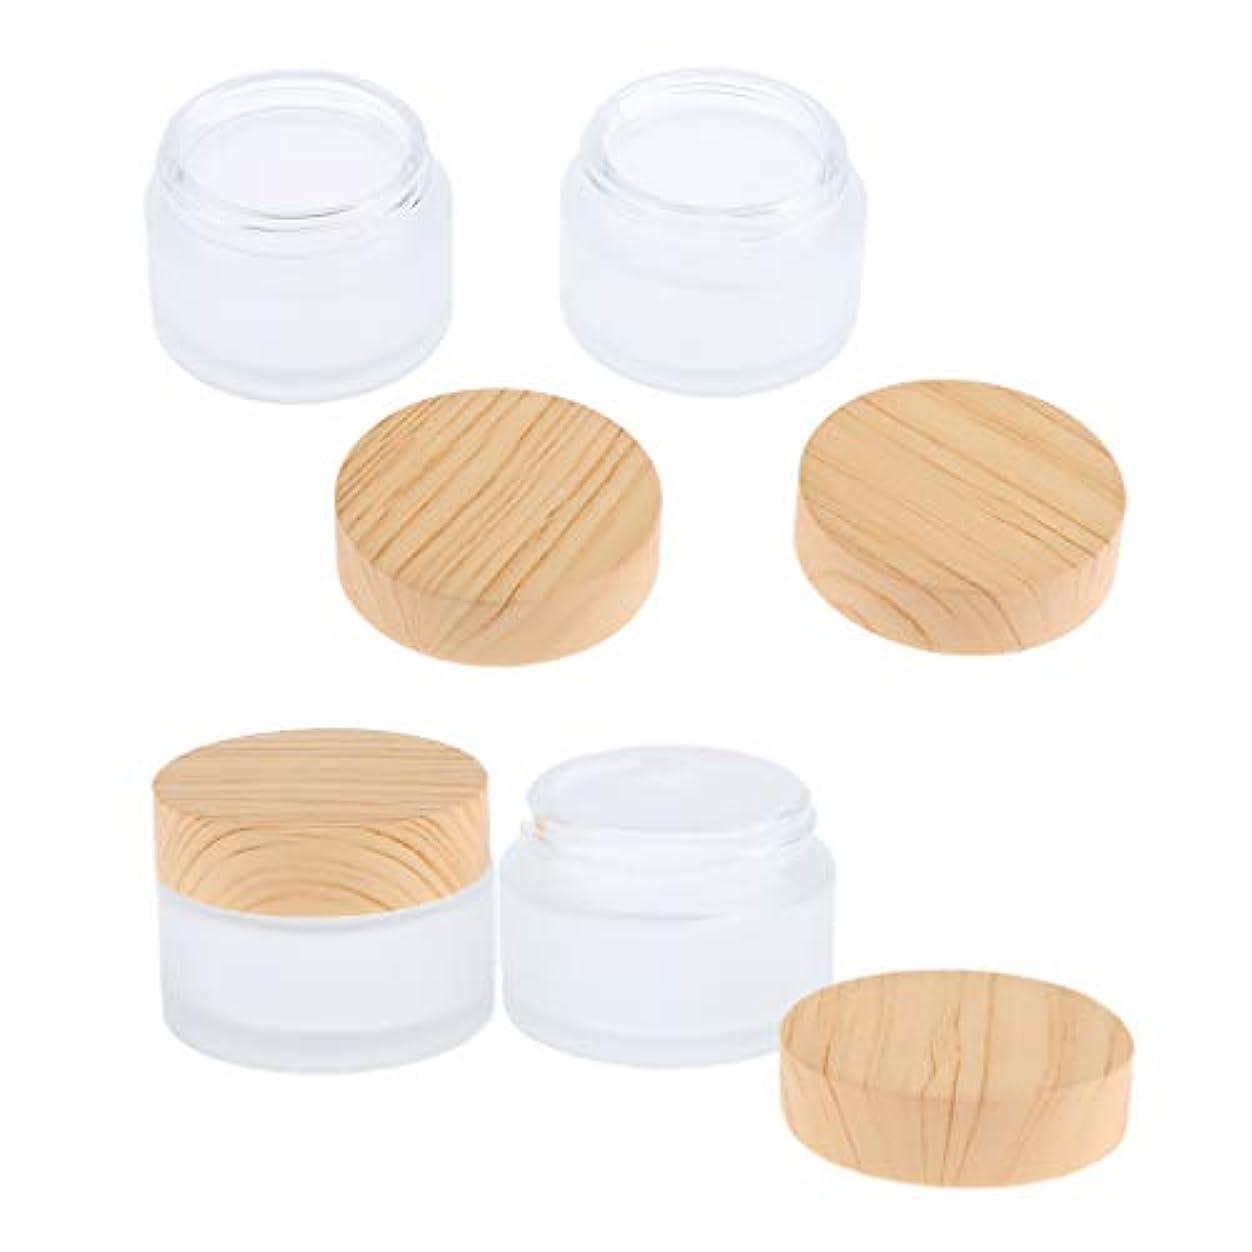 イーウェル唯物論メロドラマティック4個 フェイスクリーム容器 サンプルボトル 化粧品 メイクアップジャー ポット 4サイズ選べ - 30g